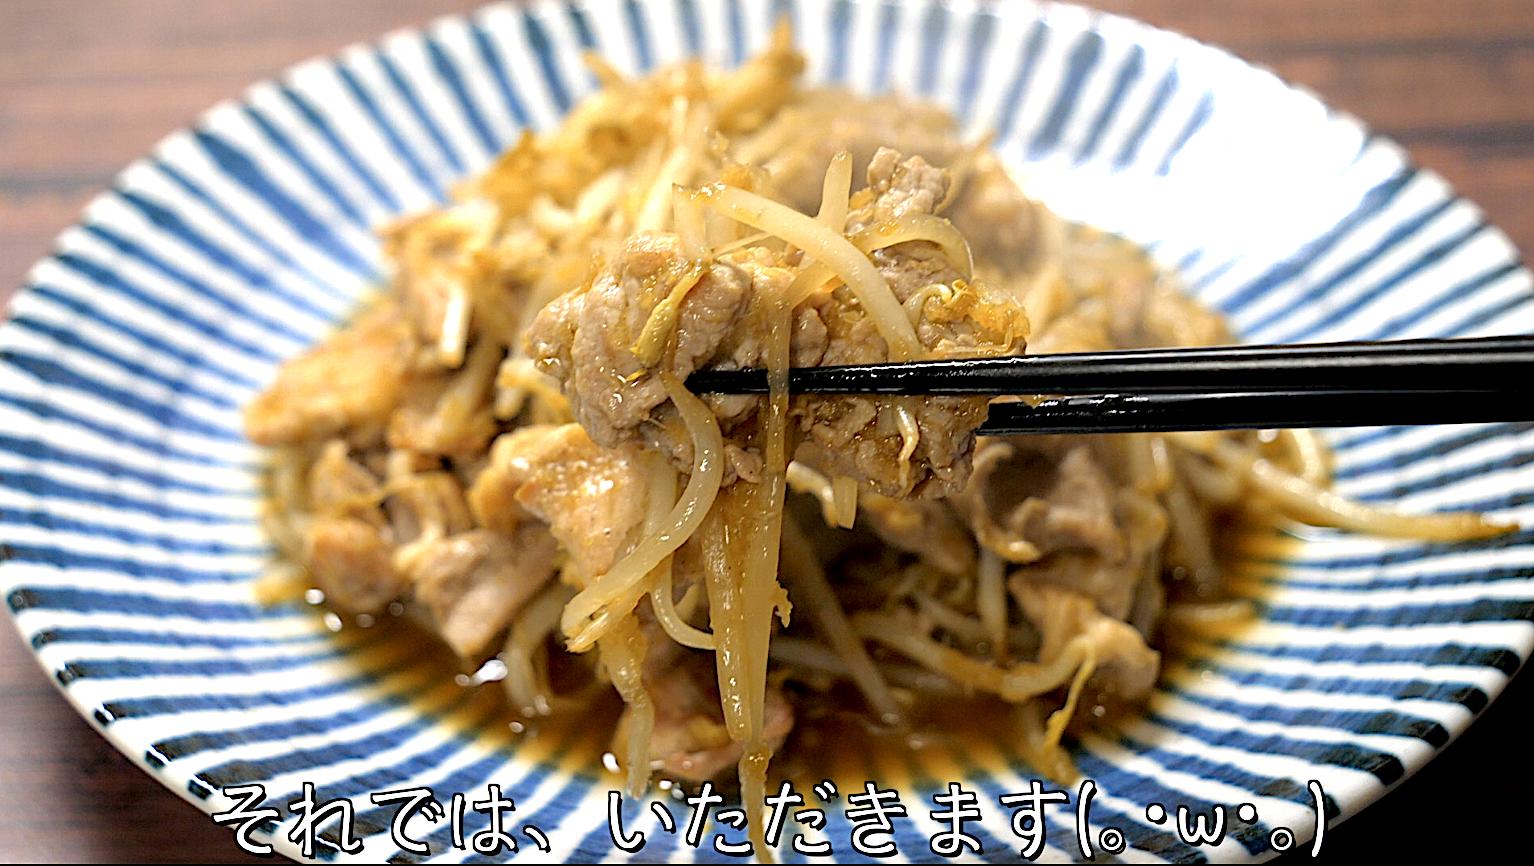 生姜焼き 簡単 レシピ 作り方